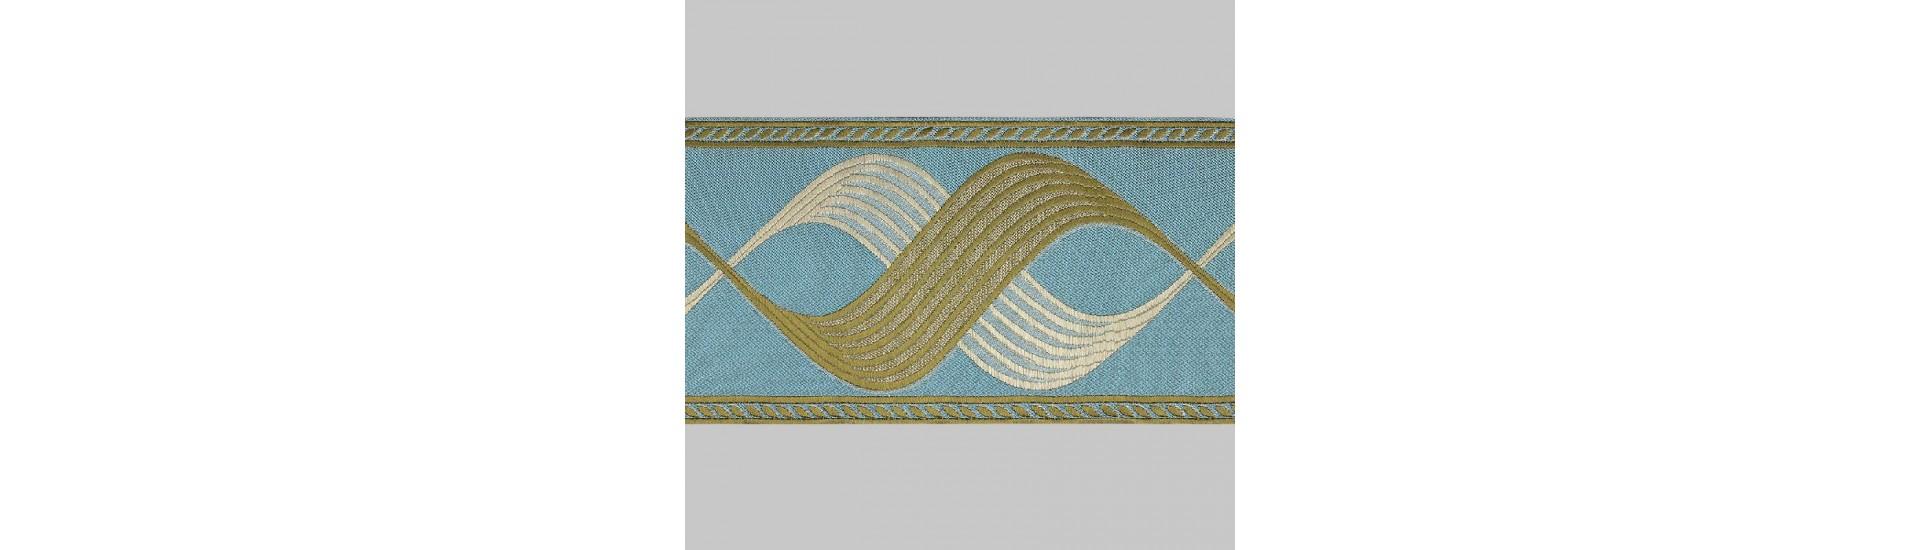 Бордюр для штор T1204-5 голубой/коричневый/бежевый ±12 см (25 м)